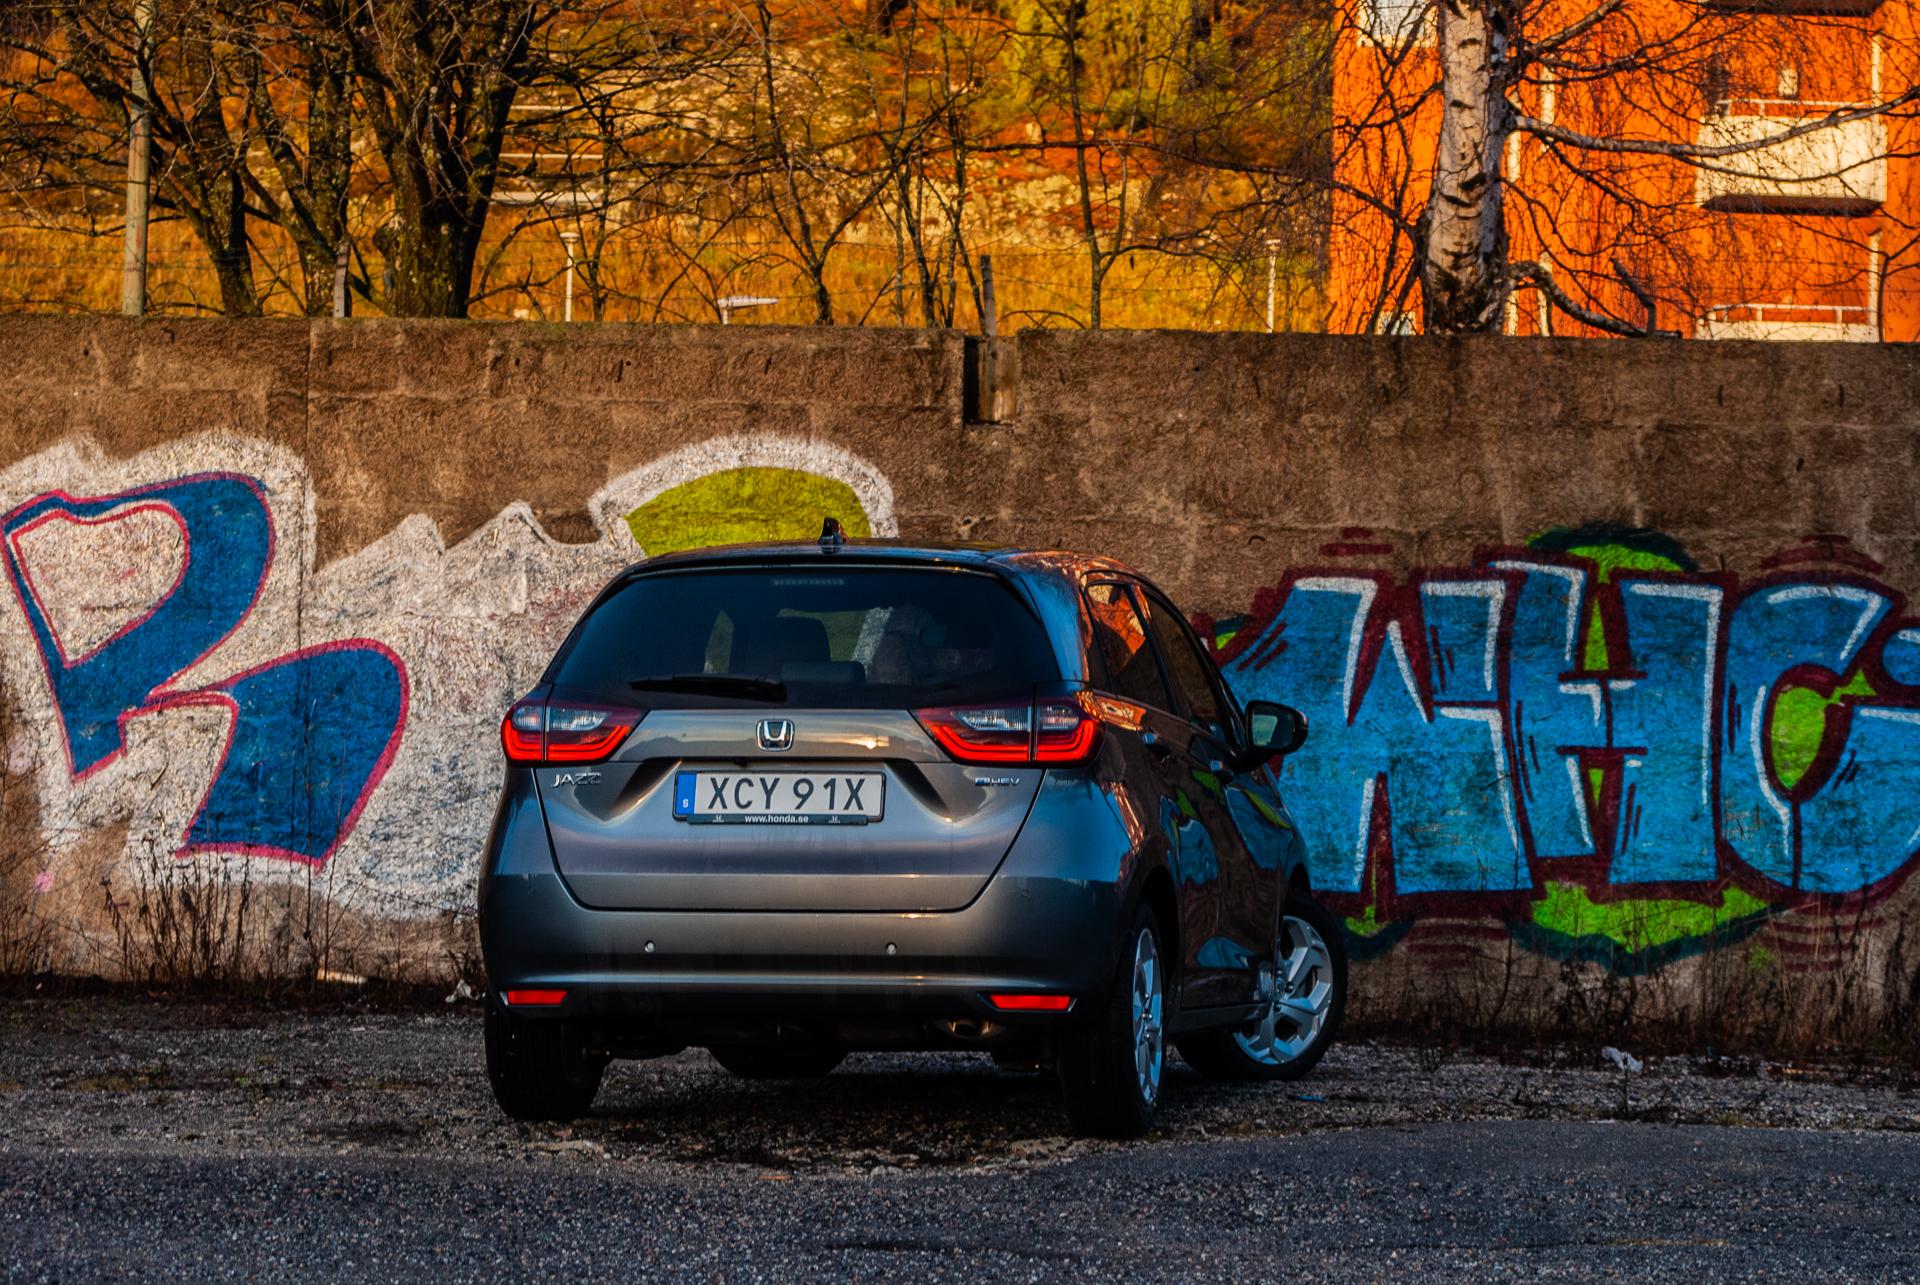 grå honda jazz vid graffitivägg